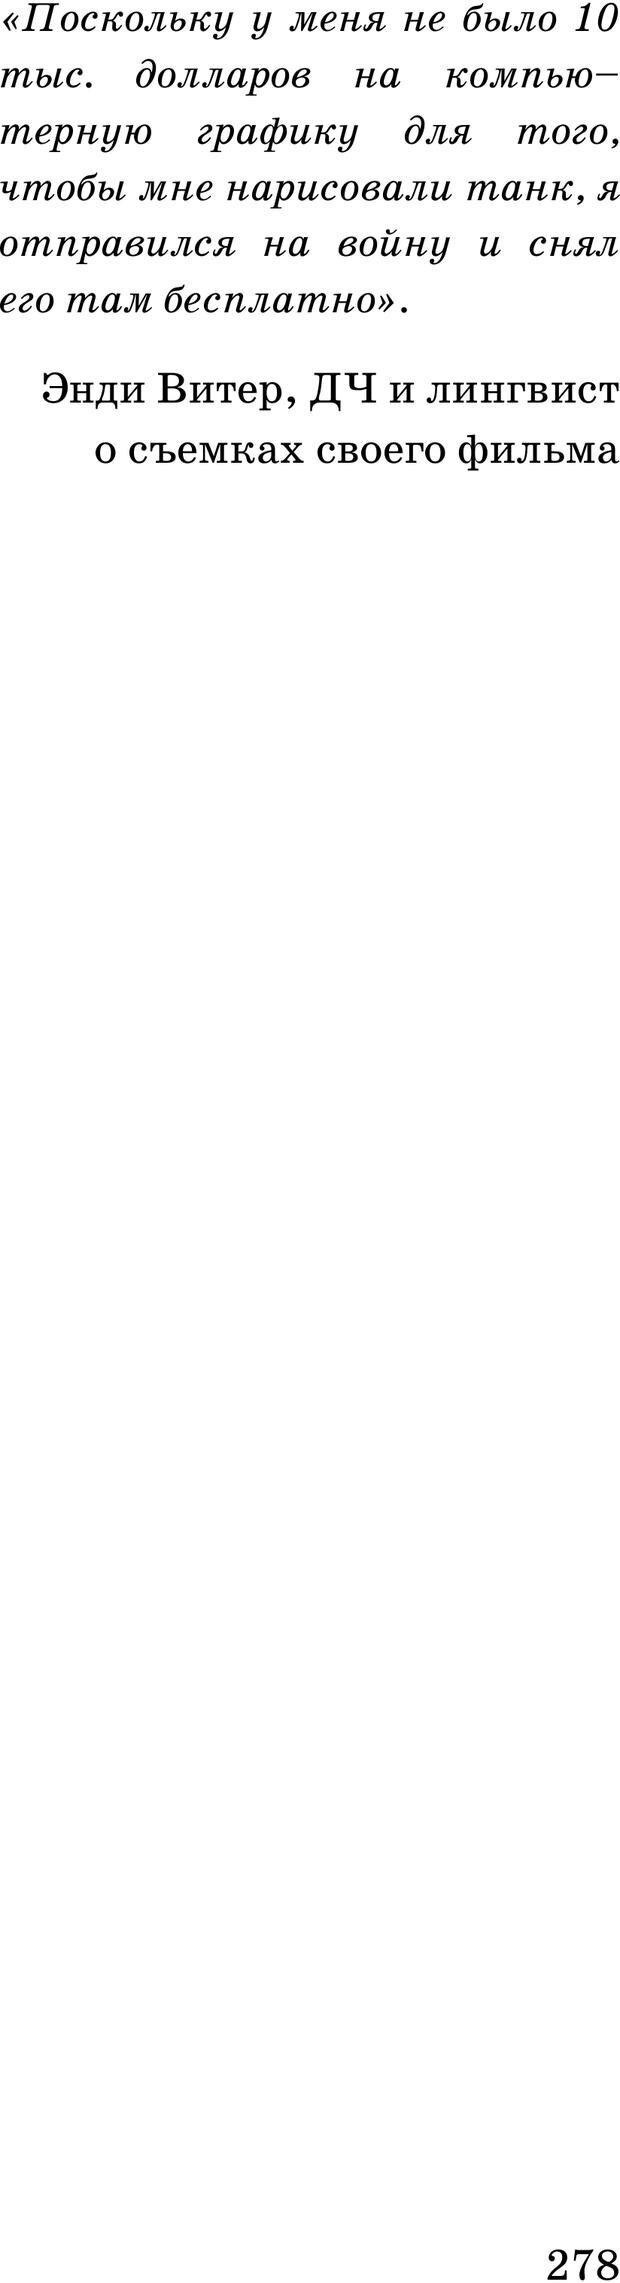 PDF. Русская Модель Эффективного Соблазнения. Мастерский курс. Богачев Ф. О. Страница 273. Читать онлайн